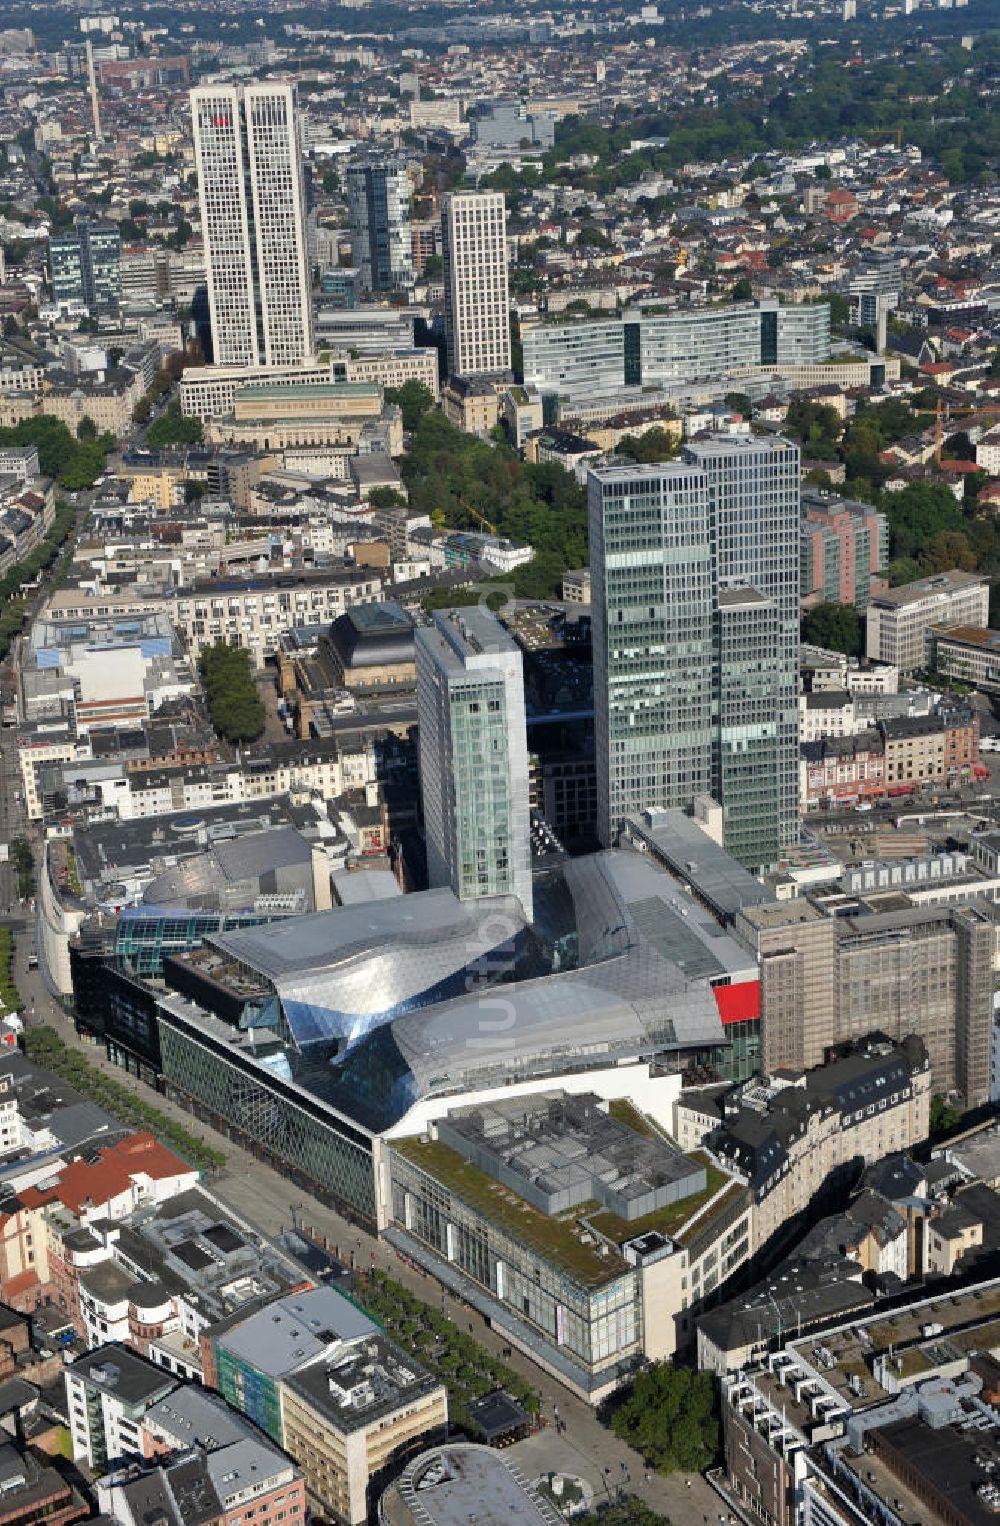 Baufirmen In Frankfurt am aus der vogelperspektive palais quartier im zentrum